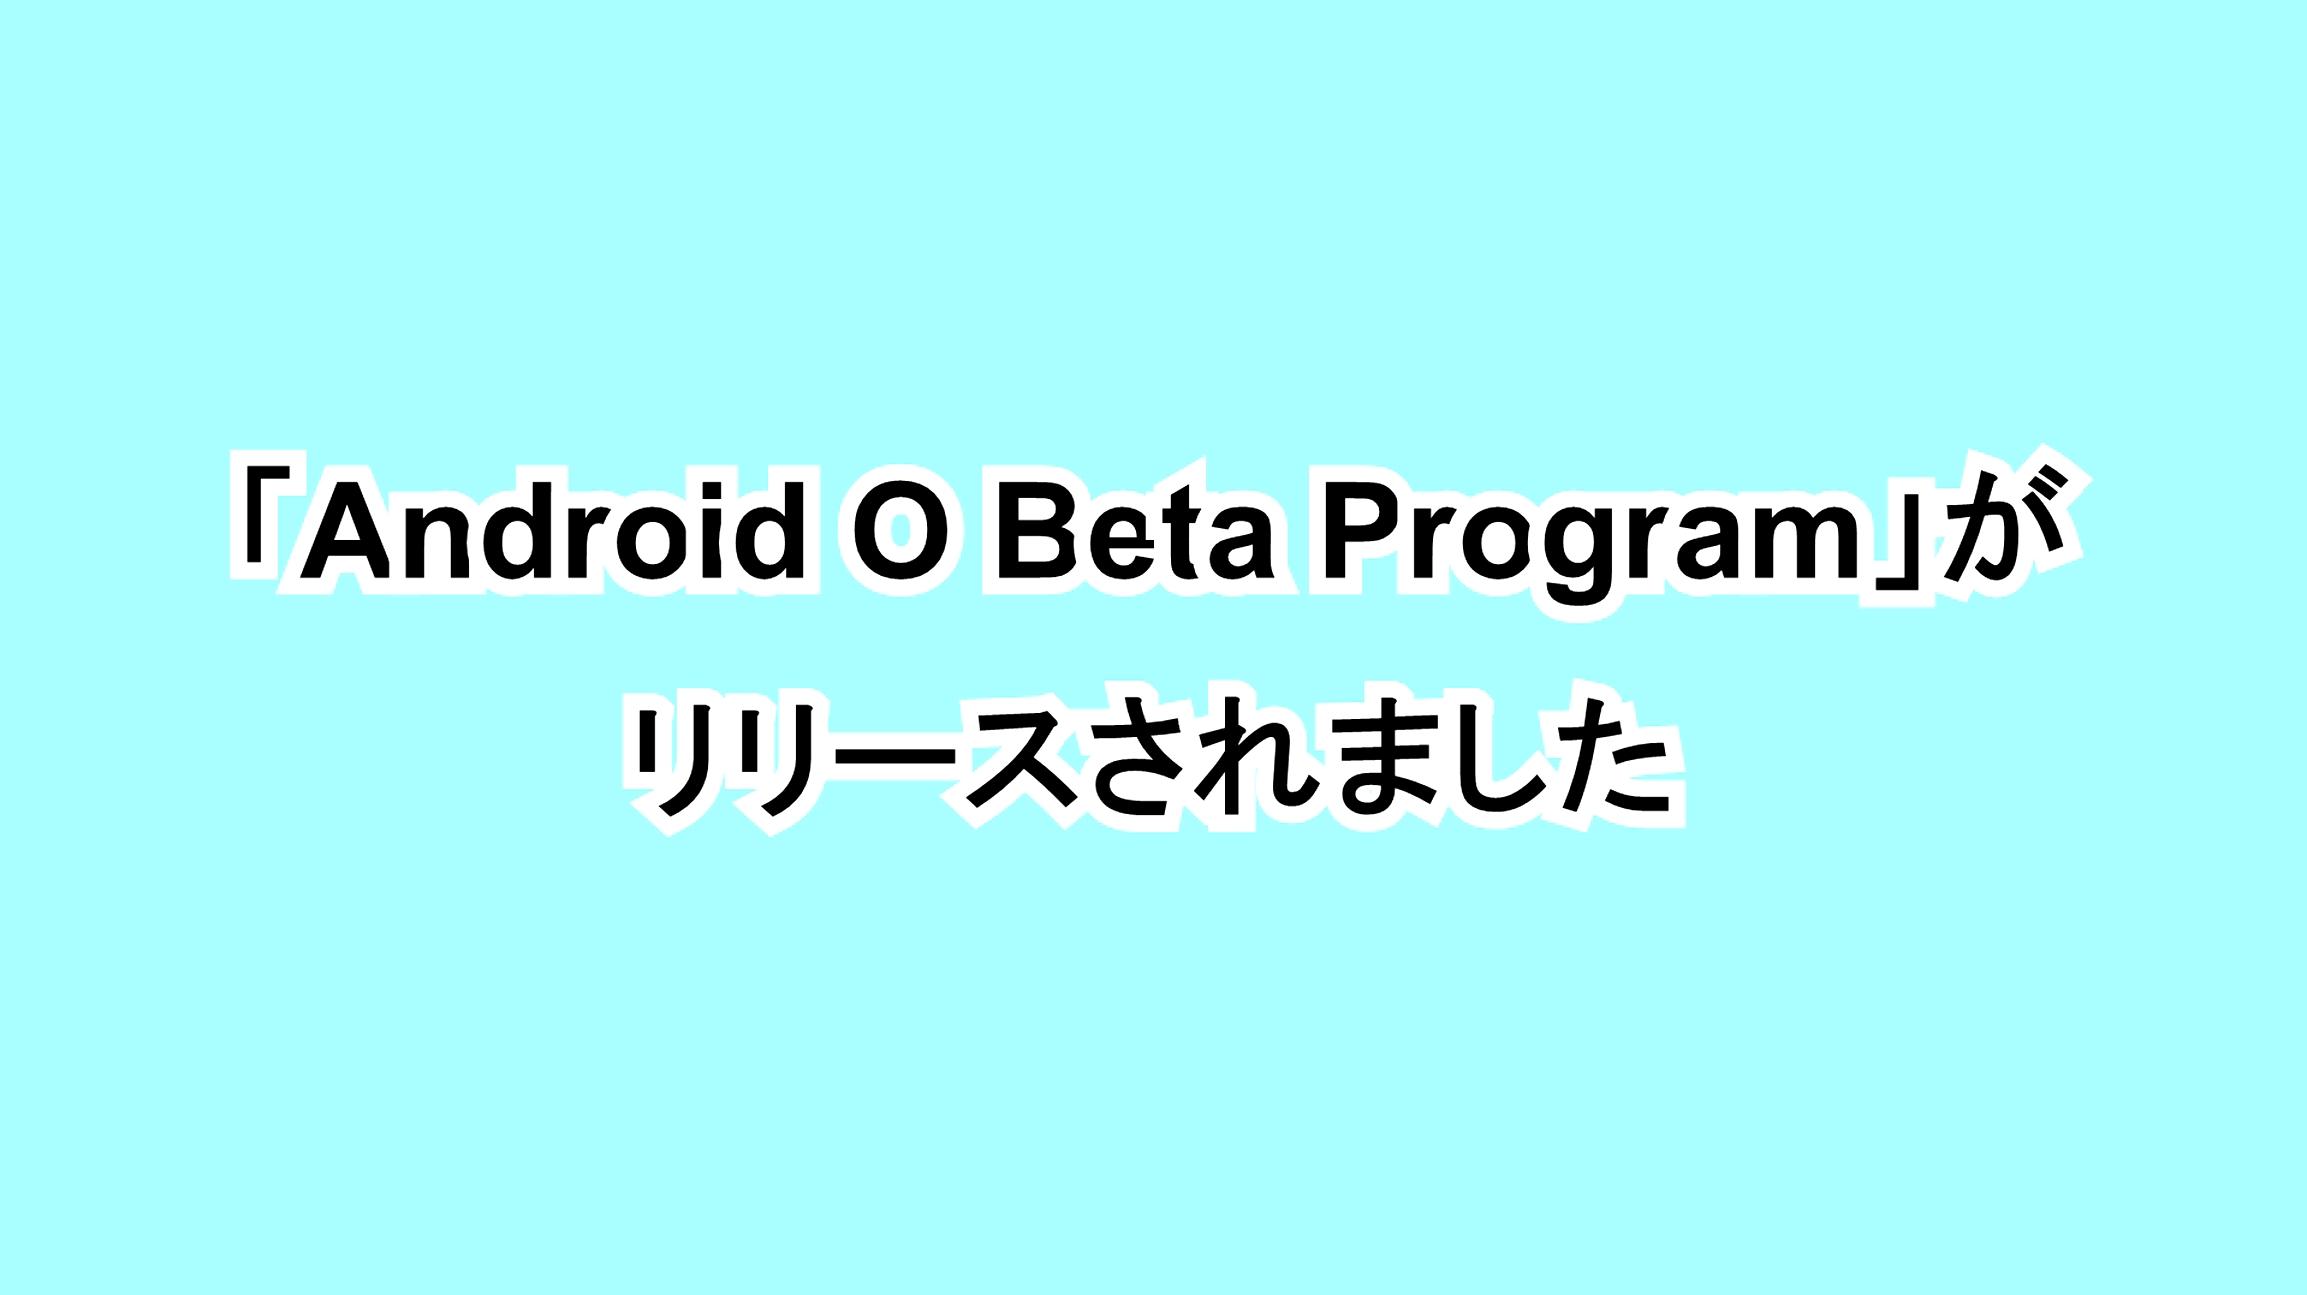 「Android O Beta Program」がリリースされました